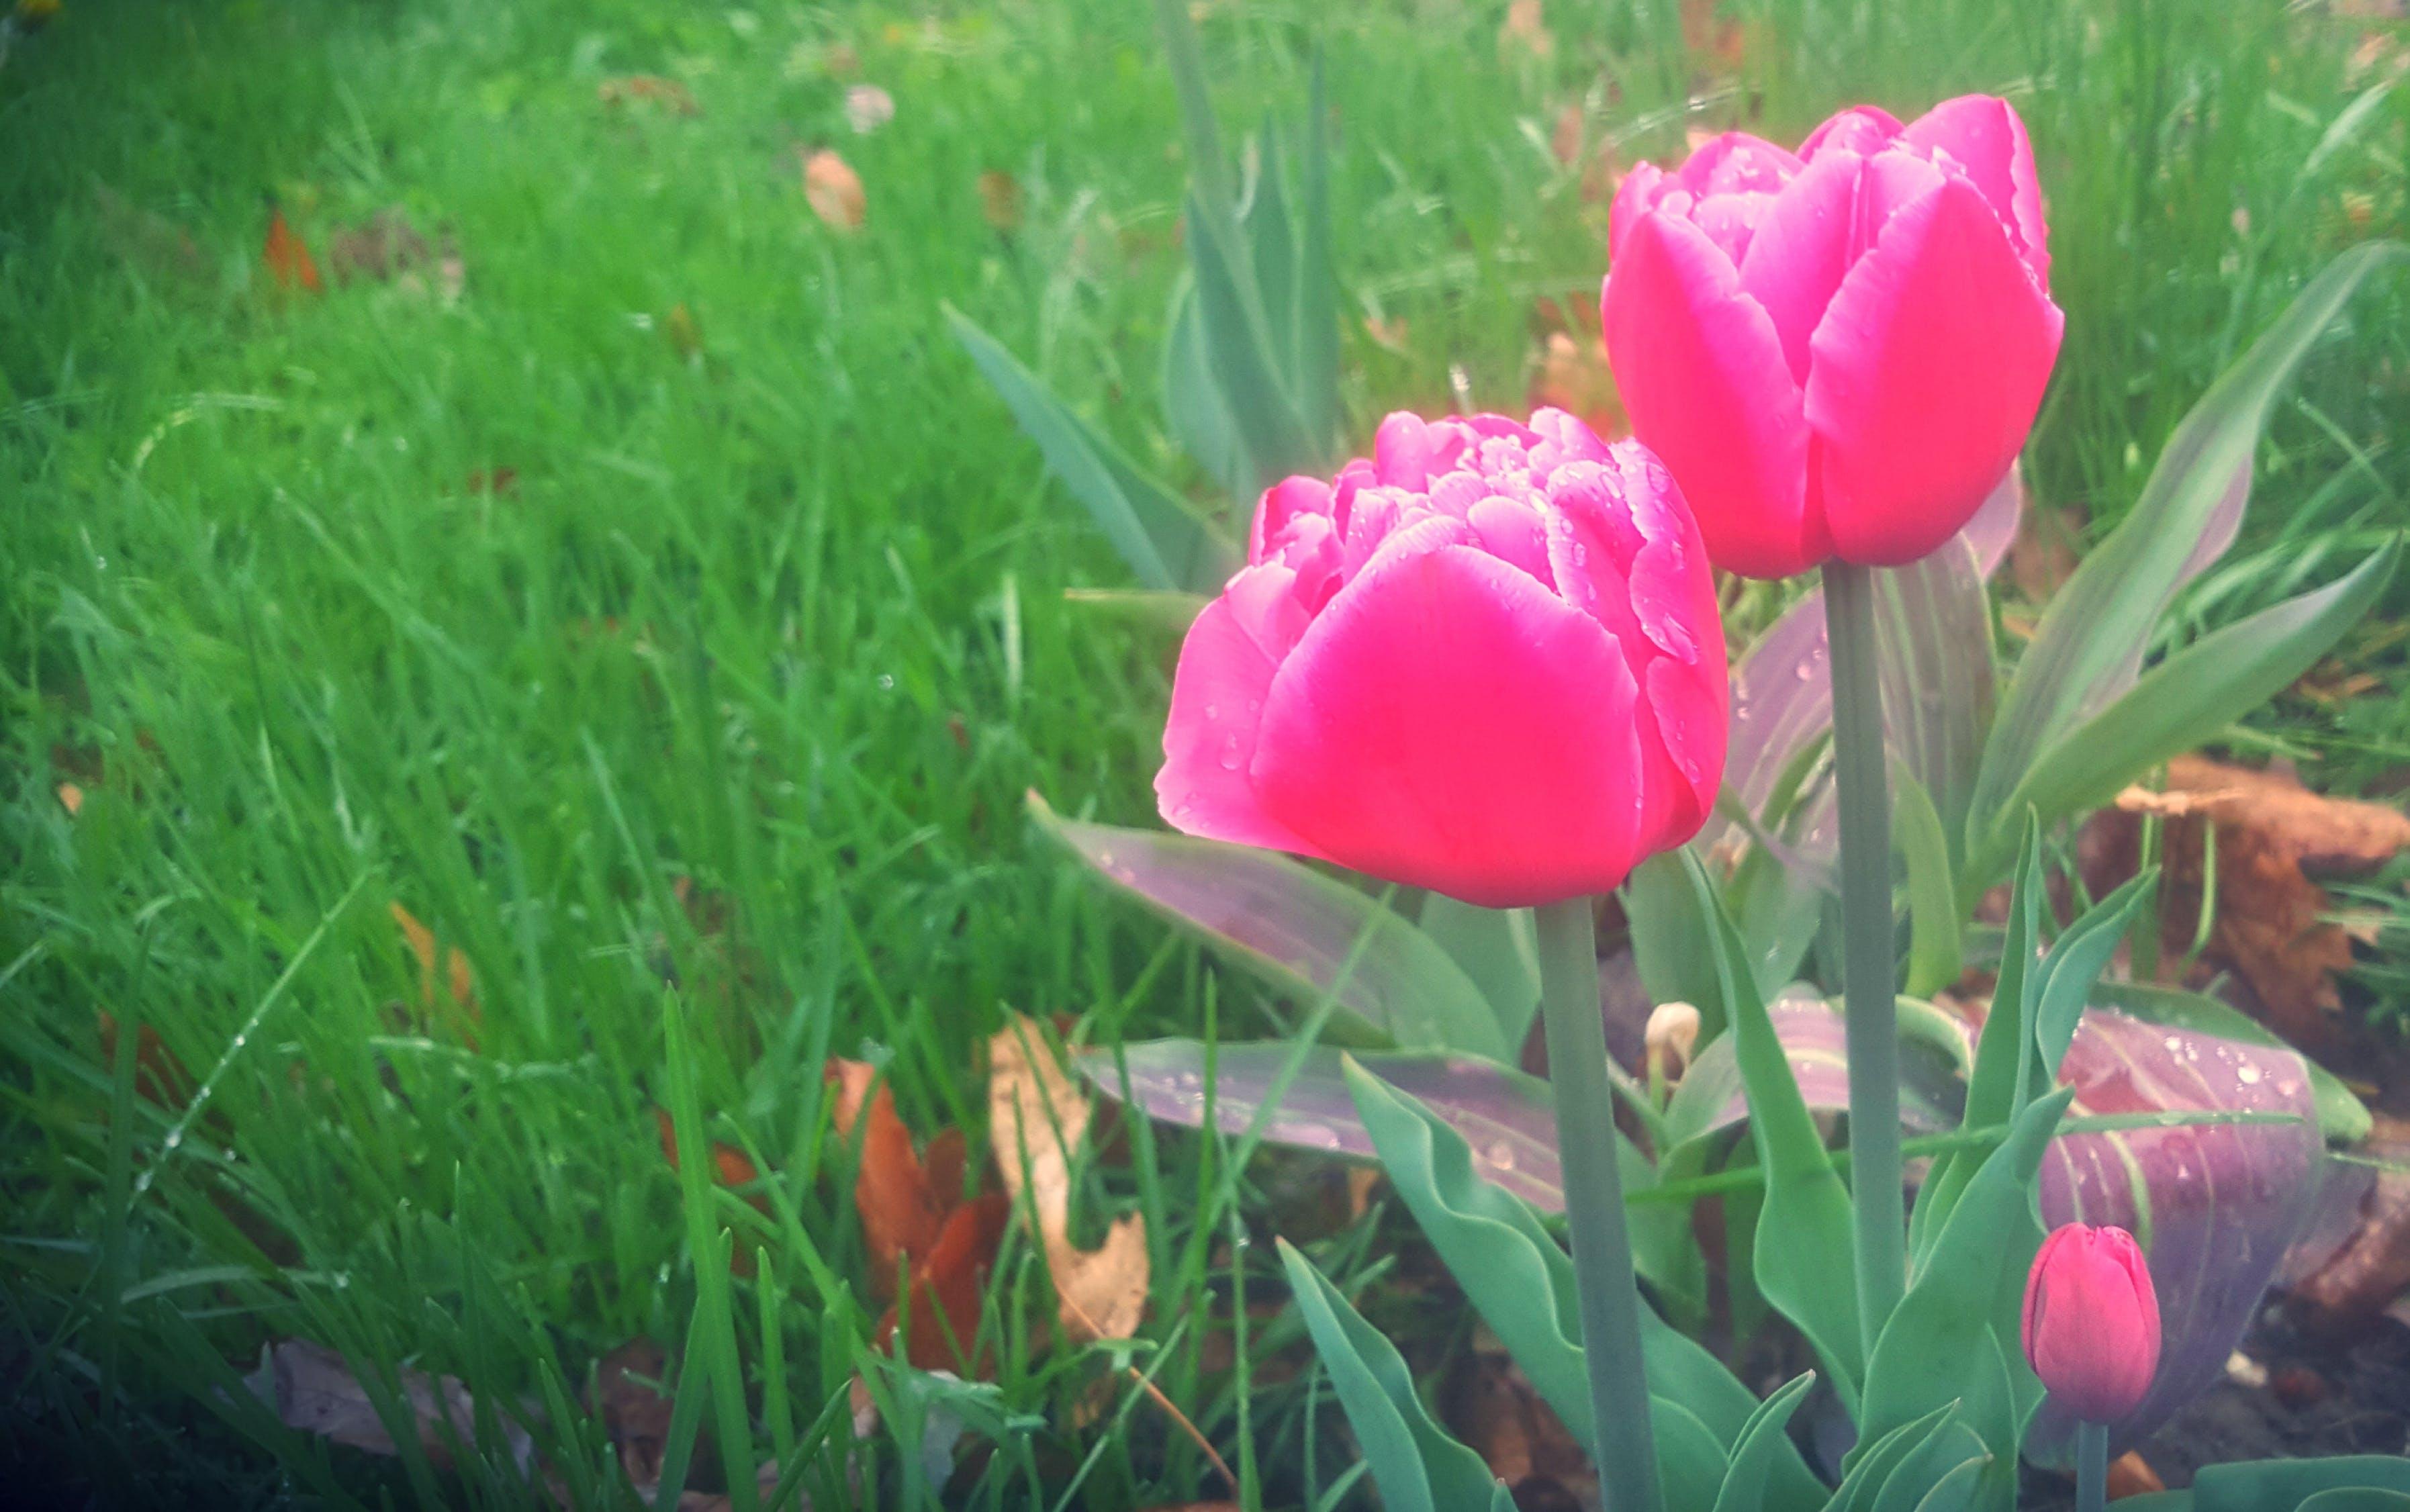 Kostenloses Stock Foto zu blumen, frühling, frühlingsblumen, rosa tulpen